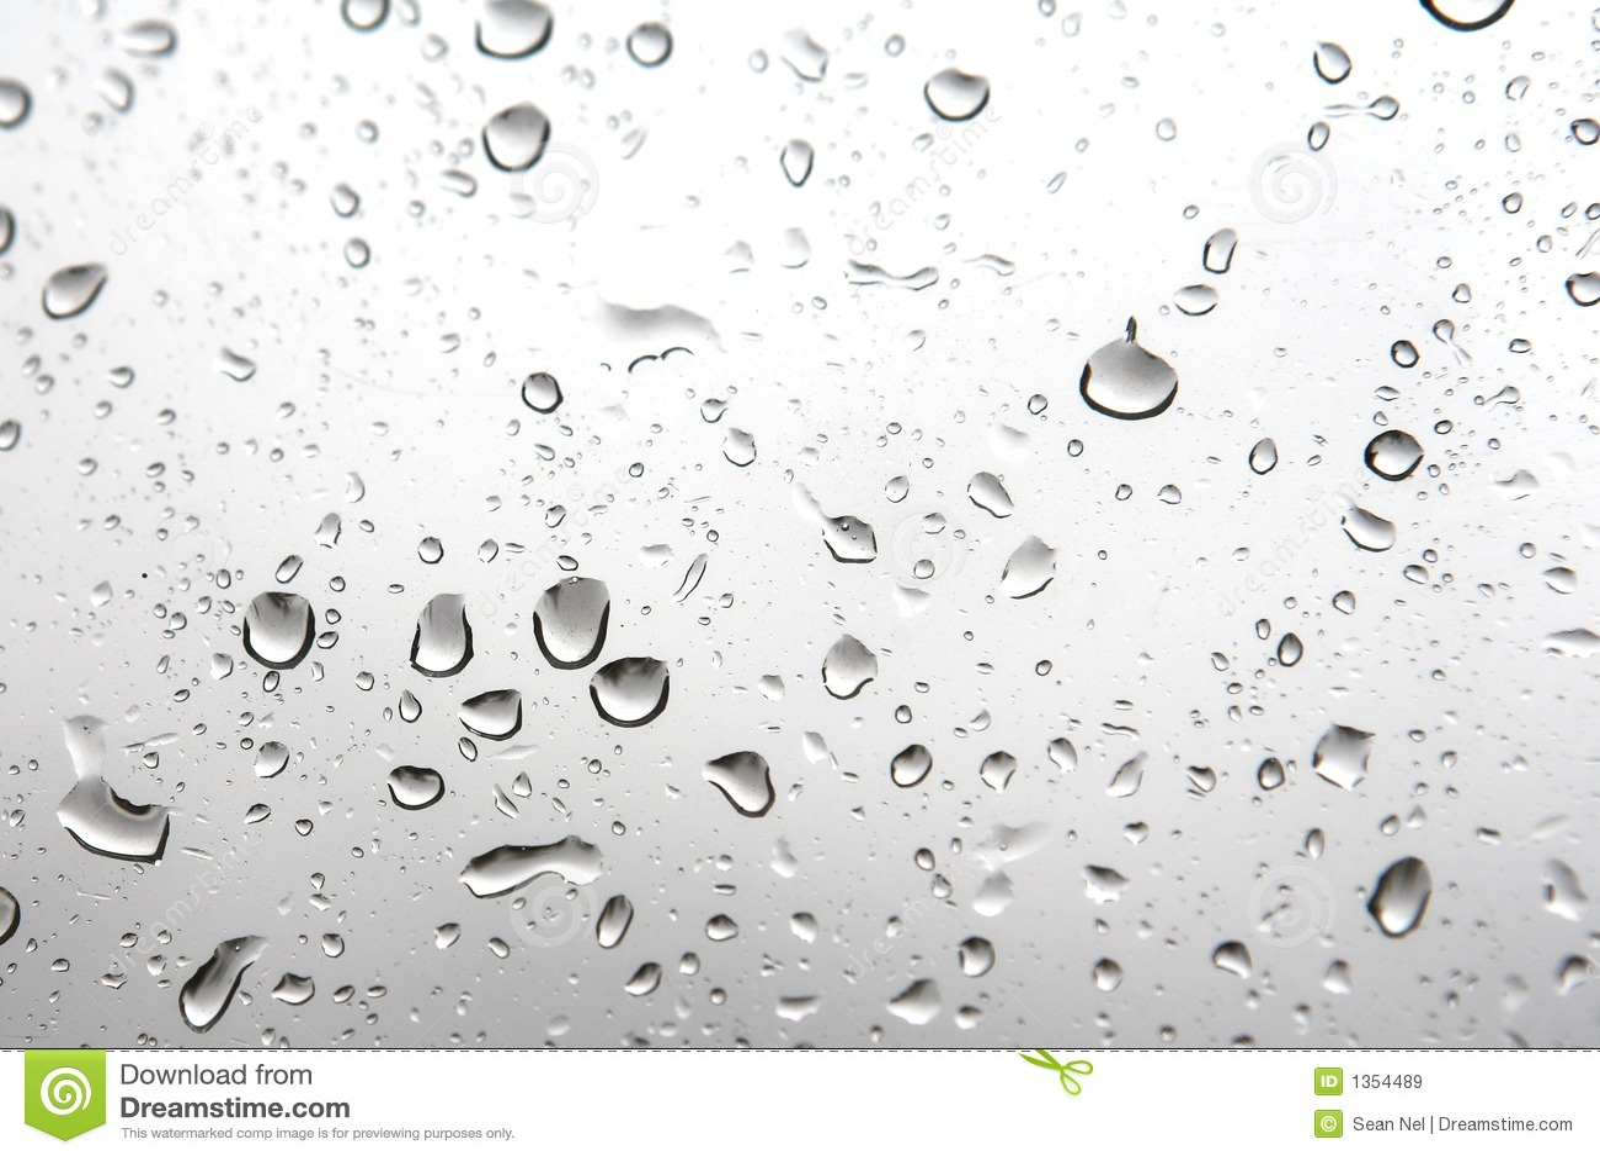 Waterdrops #1